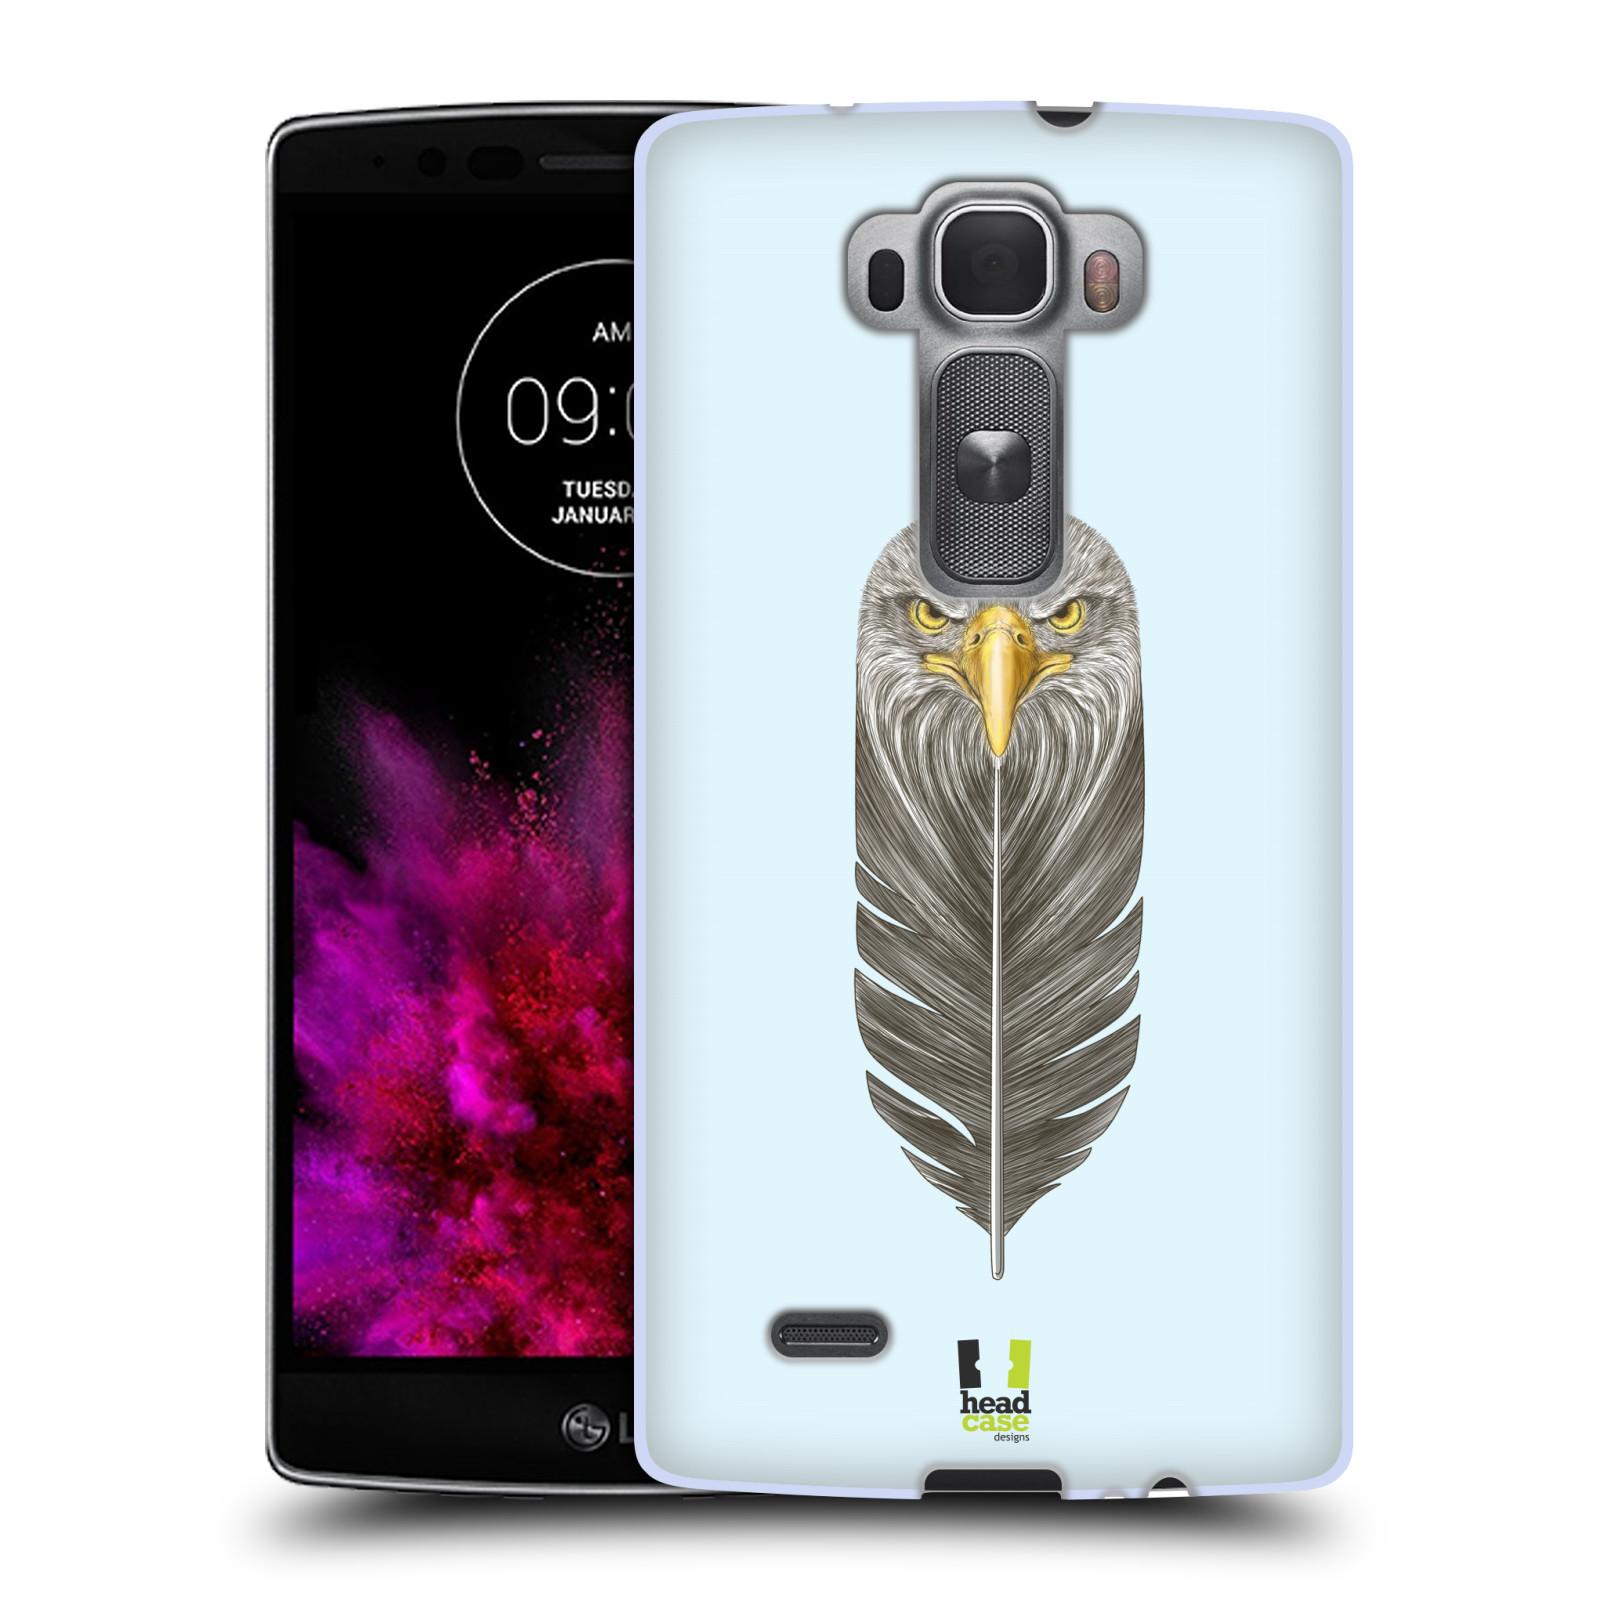 Silikonové pouzdro na mobil LG G Flex 2 HEAD CASE PÍRKO OREL (Silikonový kryt či obal na mobilní telefon LG G Flex 2 H955)